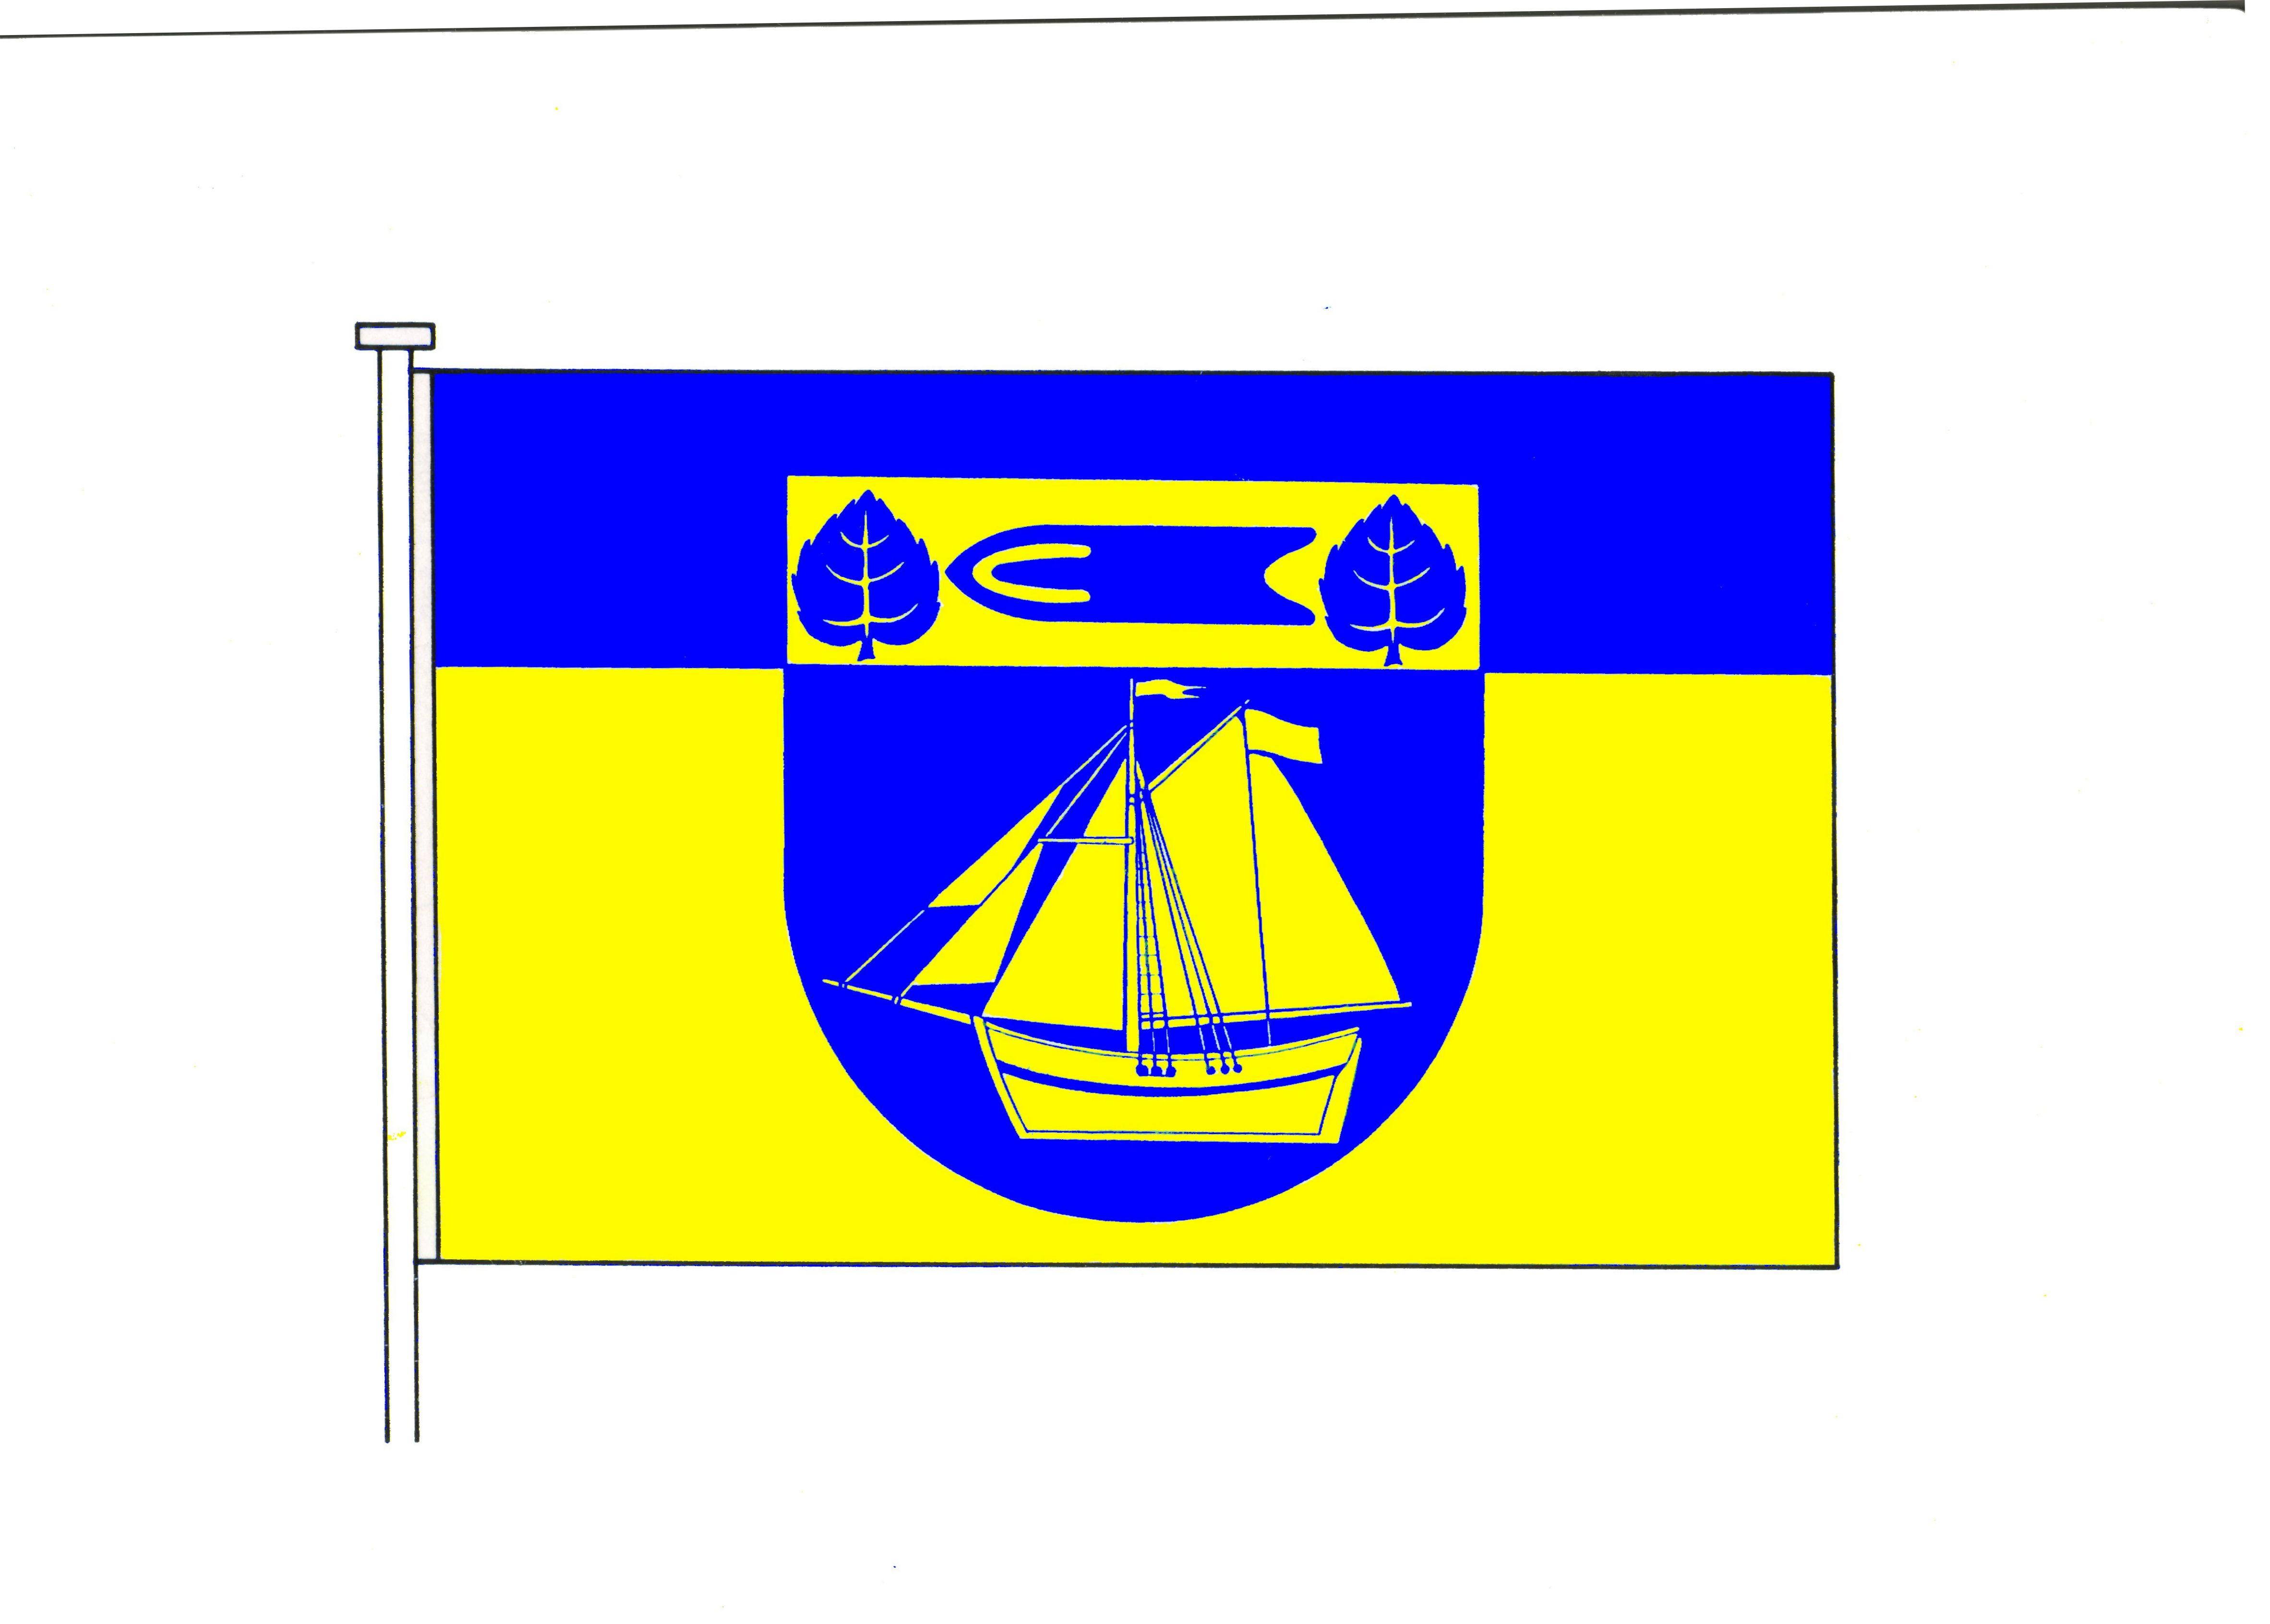 Flagge StadtArnis, Kreis Schleswig-Flensburg